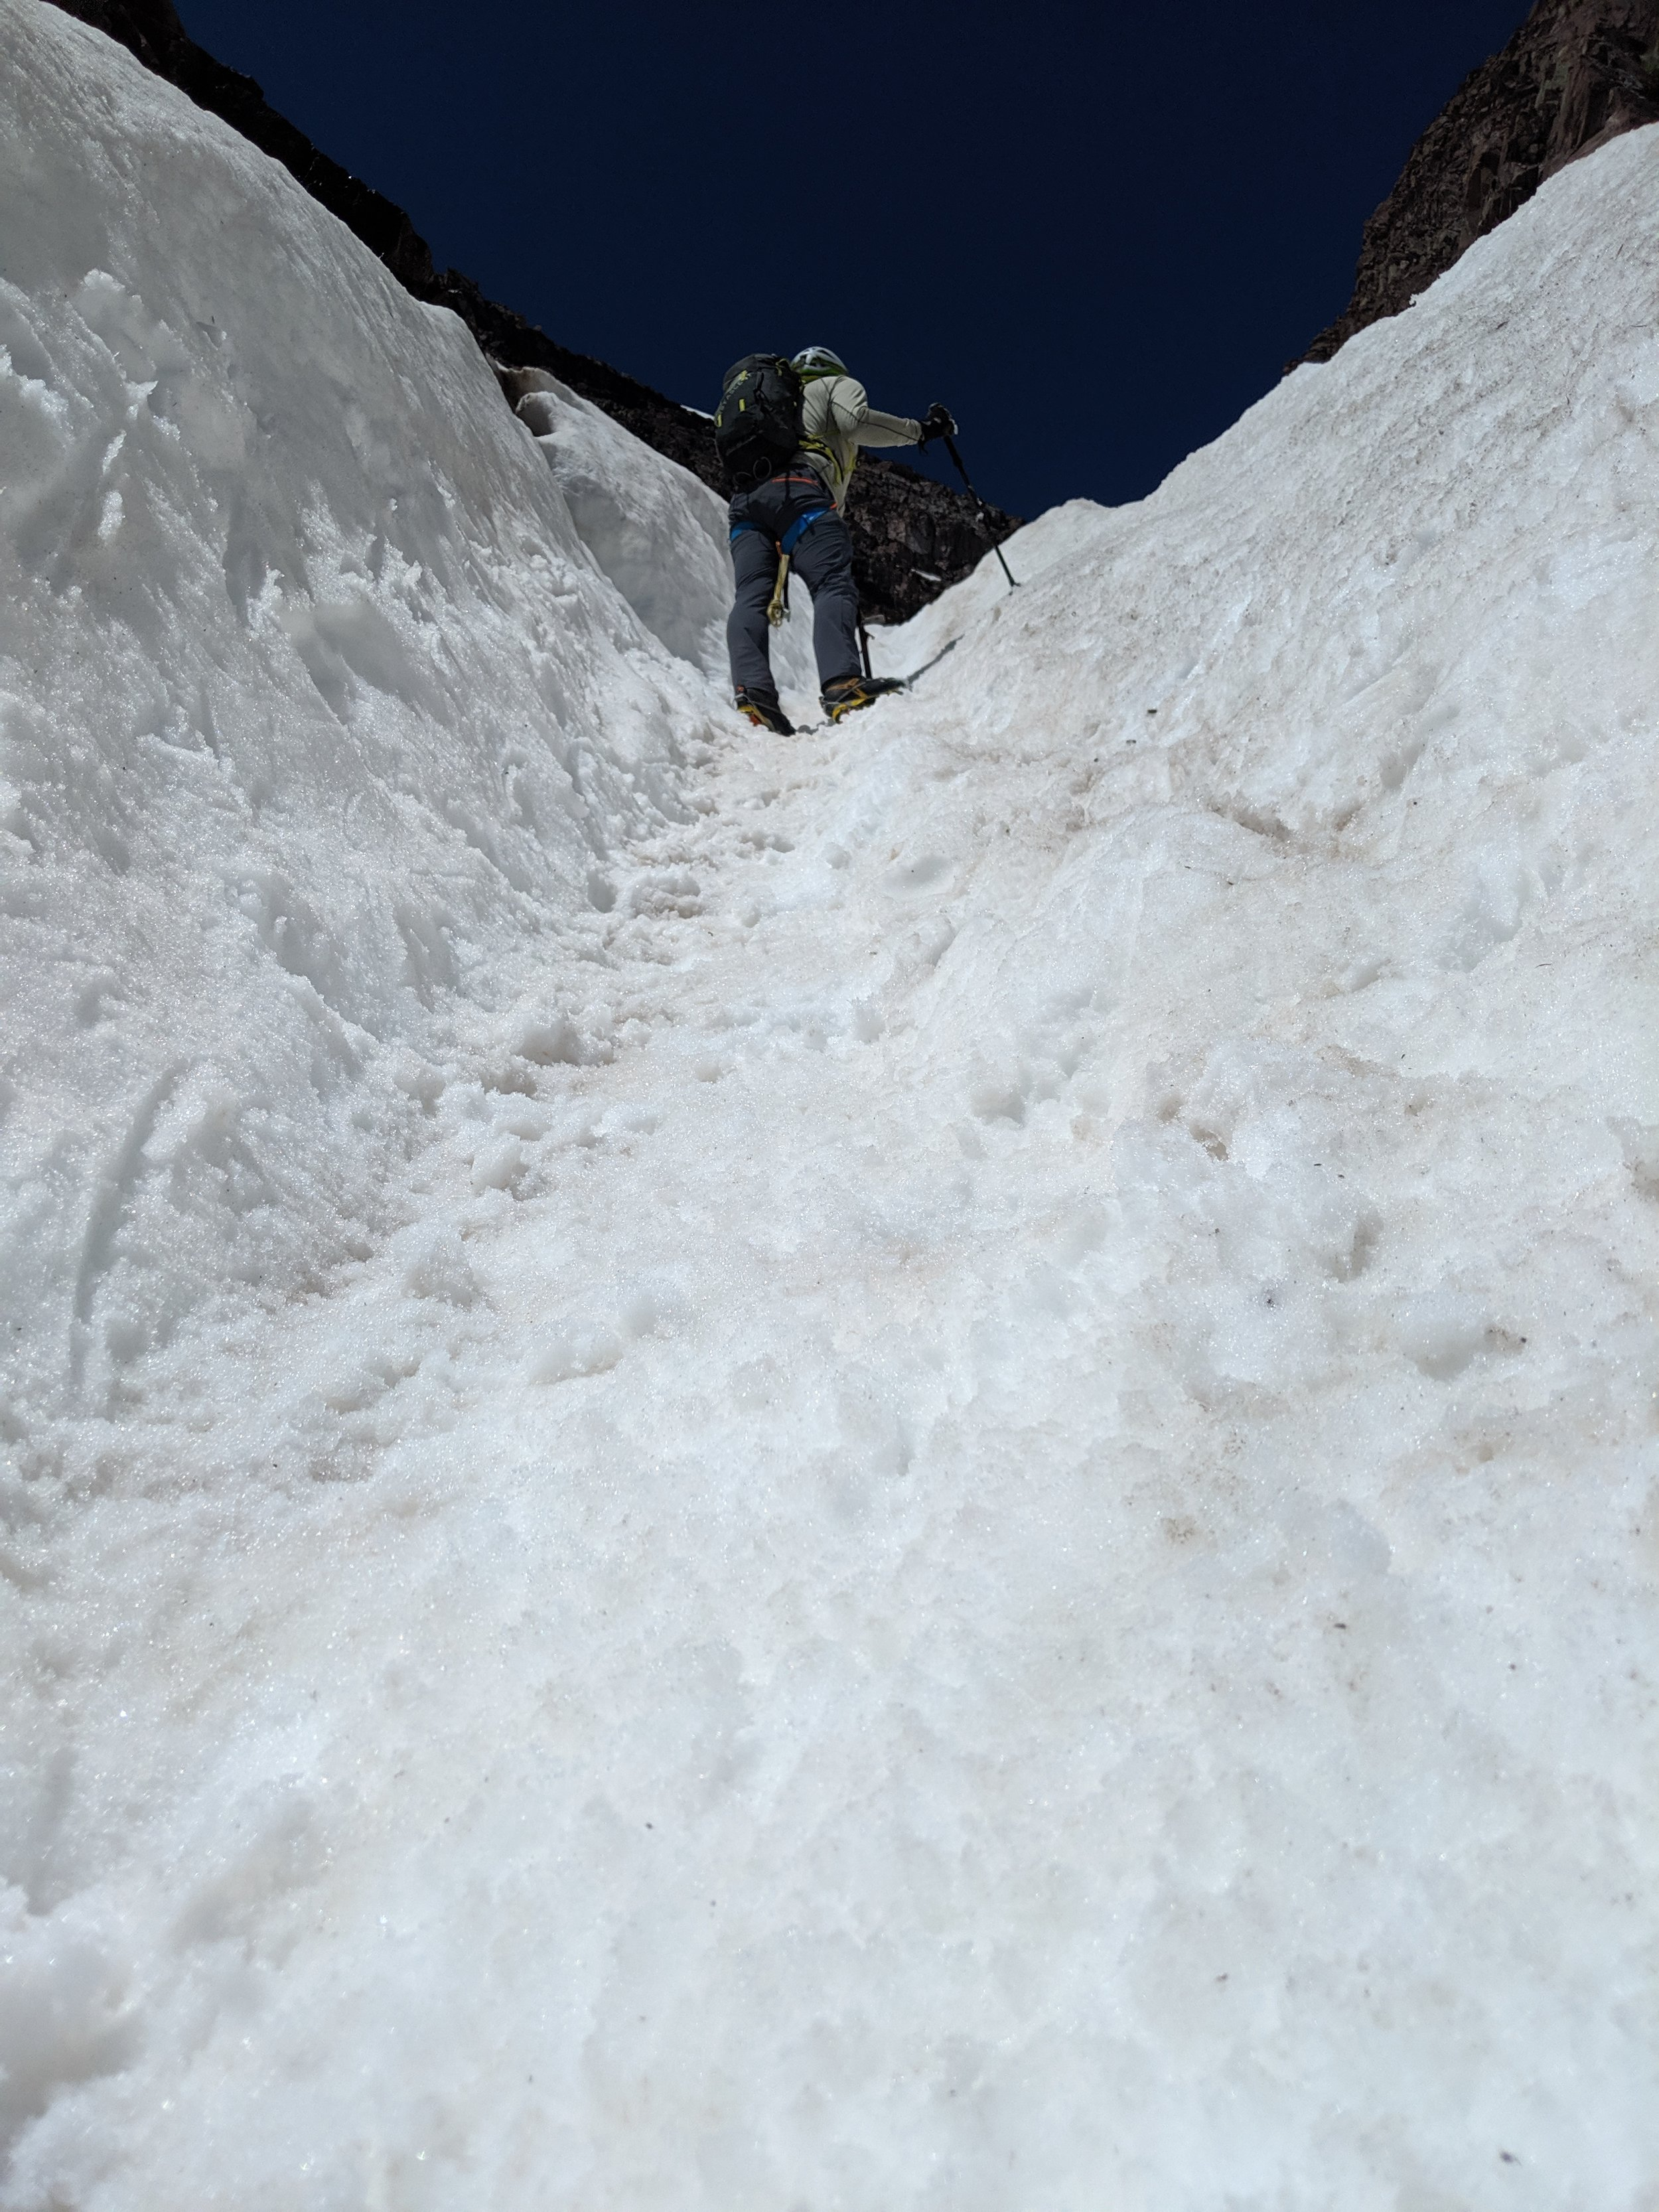 More climbing.